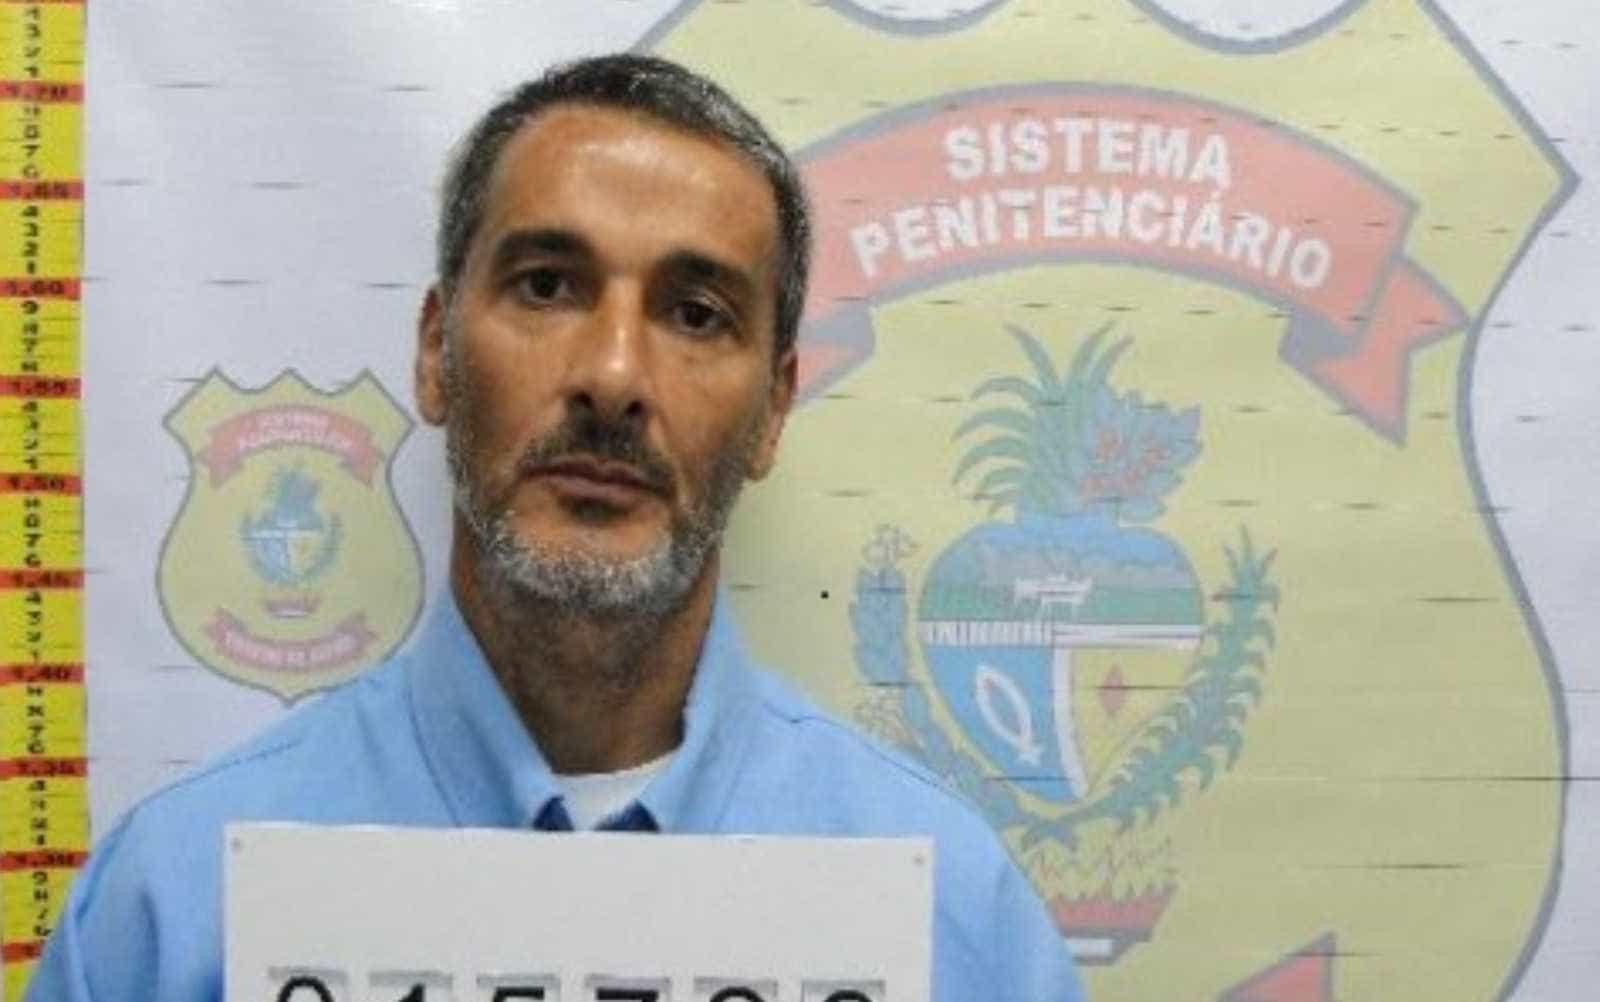 Ex-braço direito de Beira-Mar é solto após engano ou ato de má fé